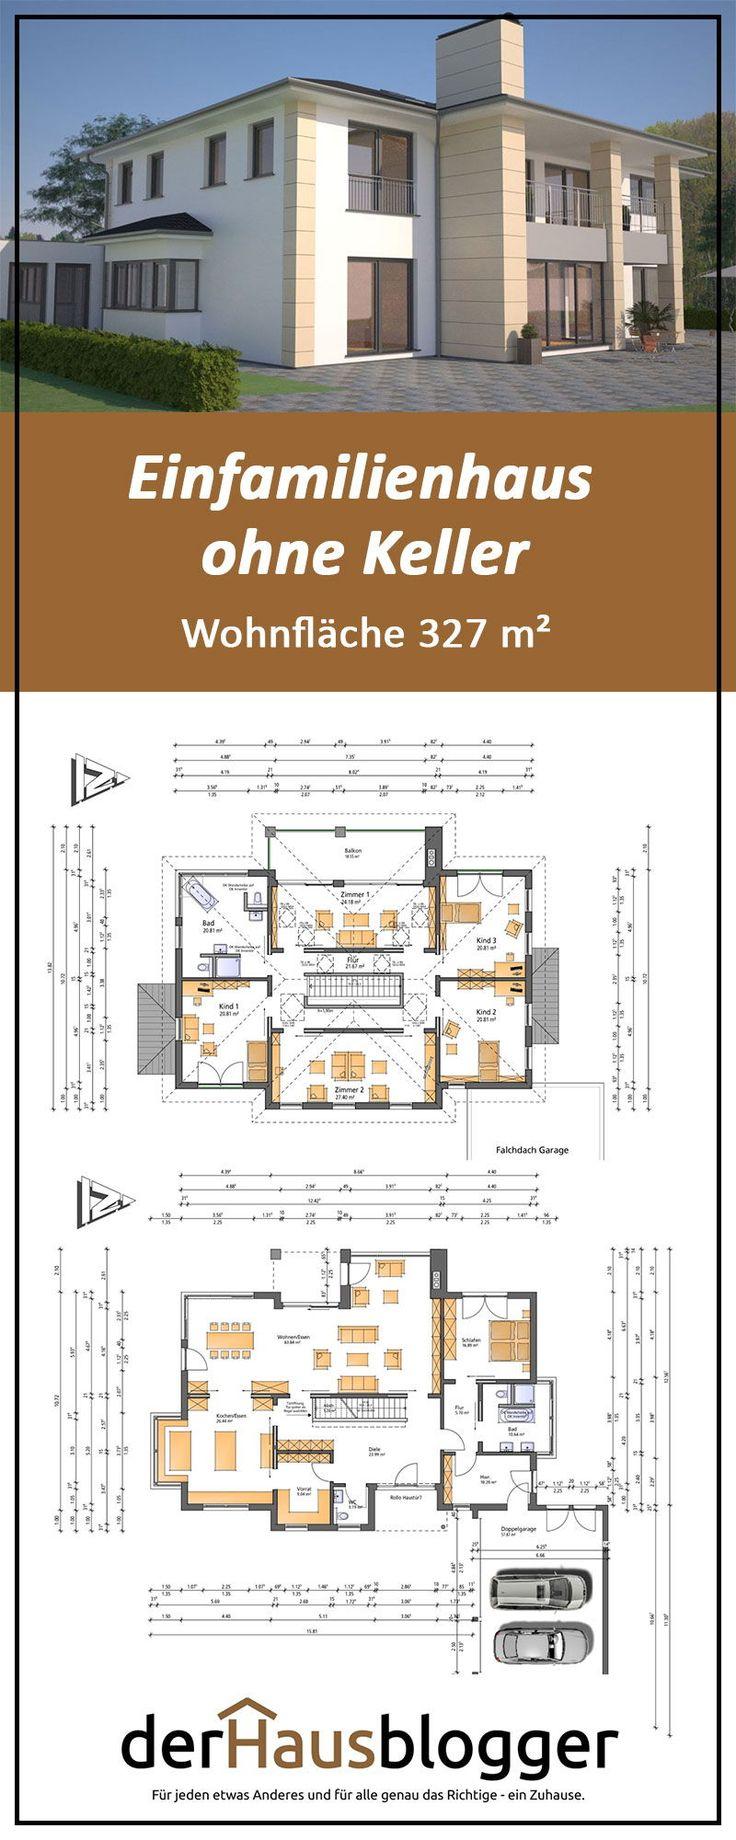 Einfamilienhaus ohne Keller, Wohnflaeche 327 m2 #keller